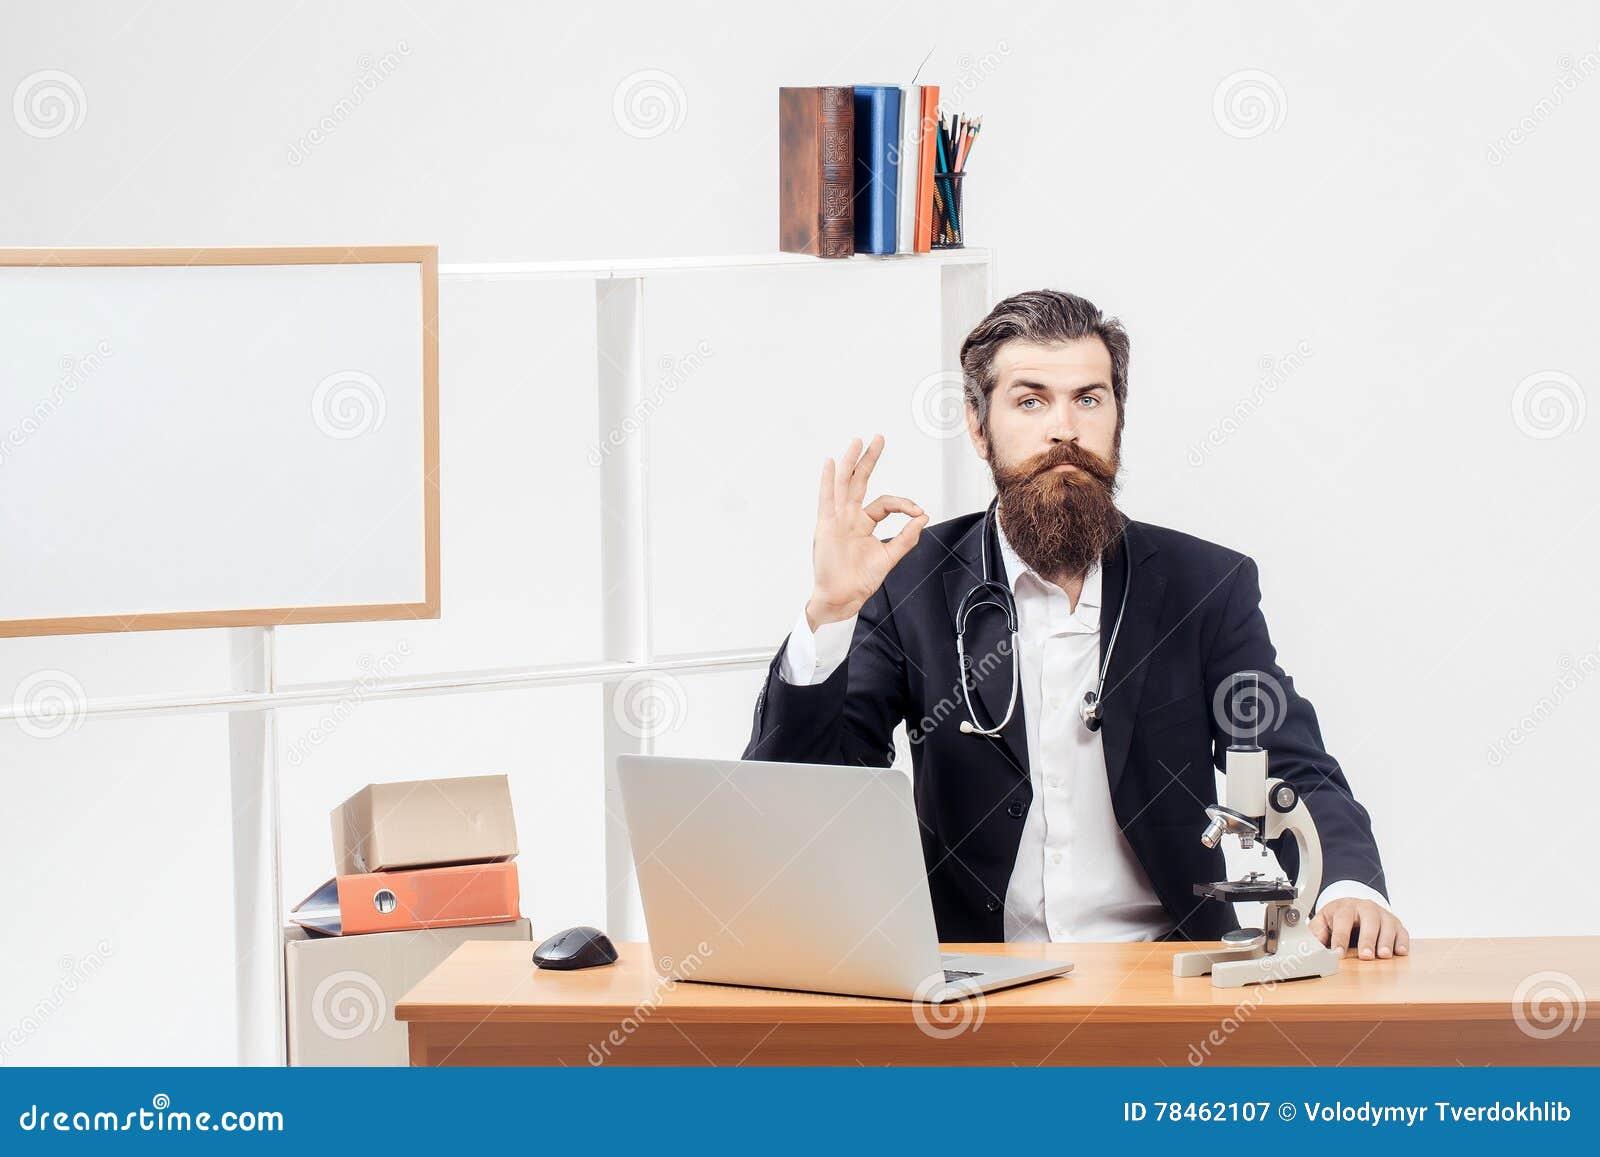 Forskareuppvisning som är reko på arbetsplatsen